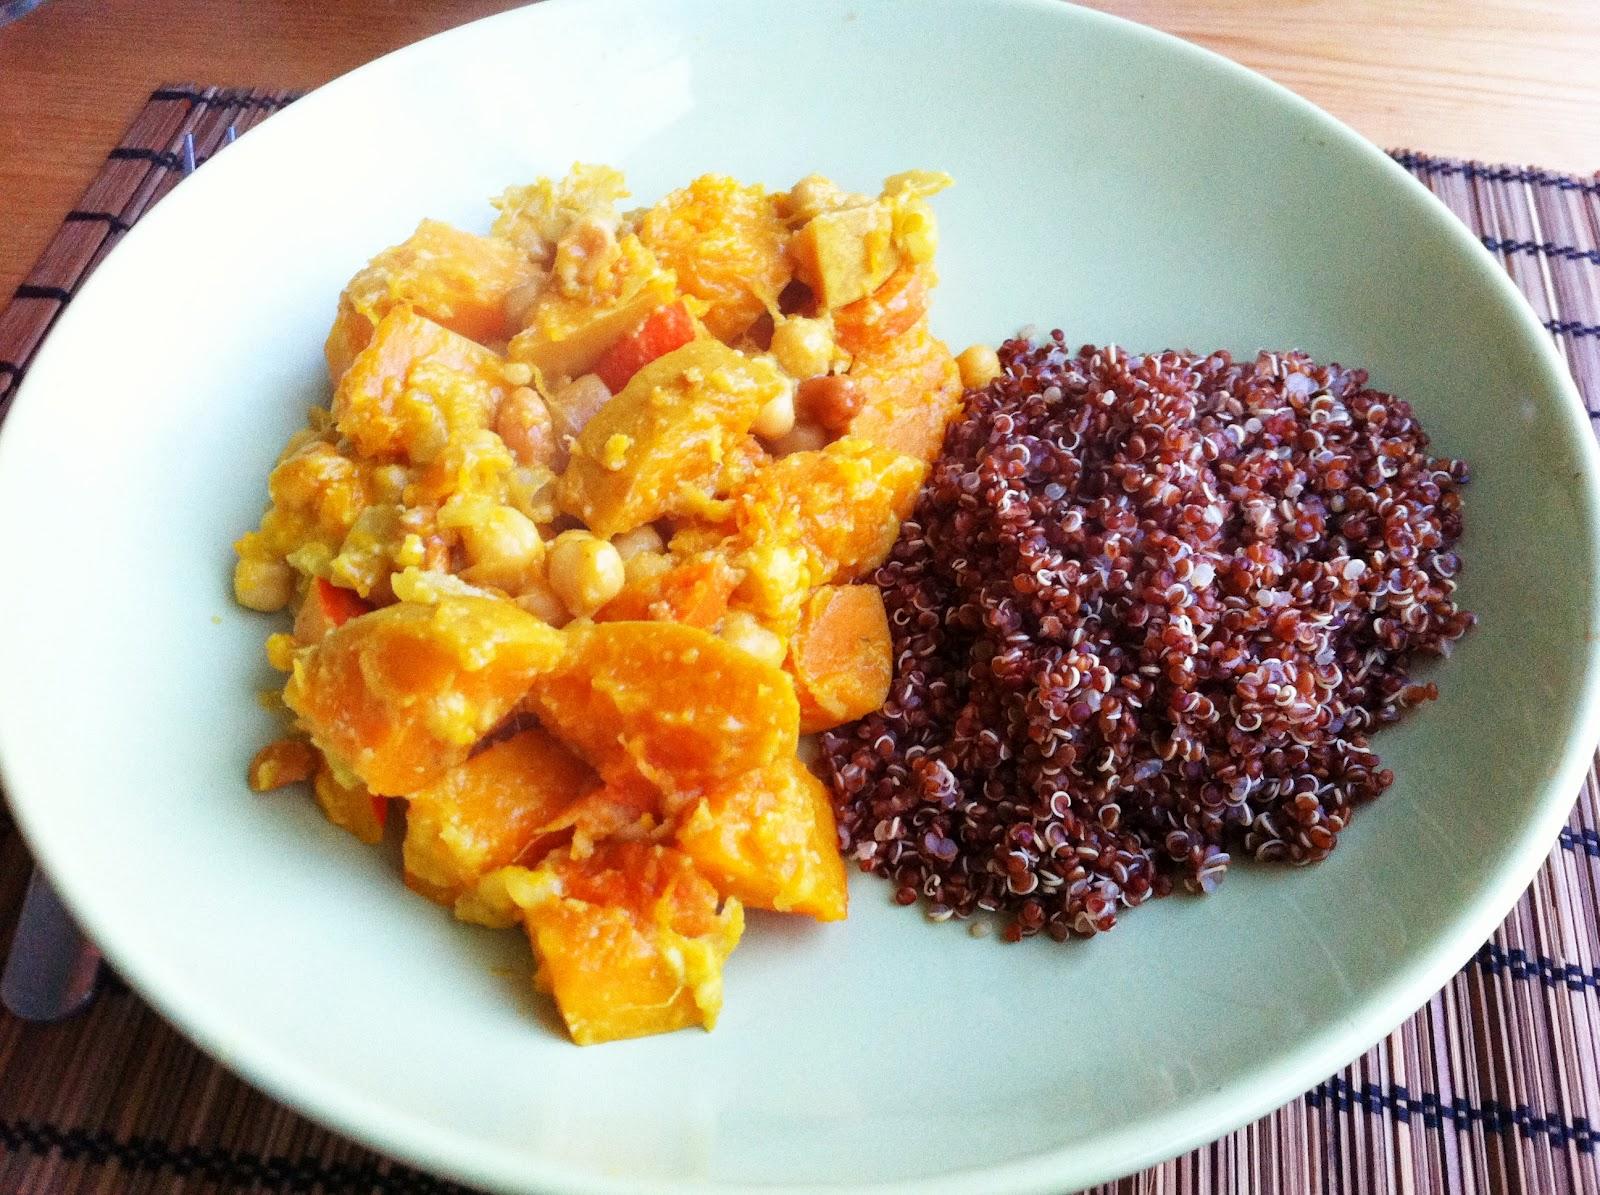 De plantaardige keuken: oranje curry met banaan en rode quinoa